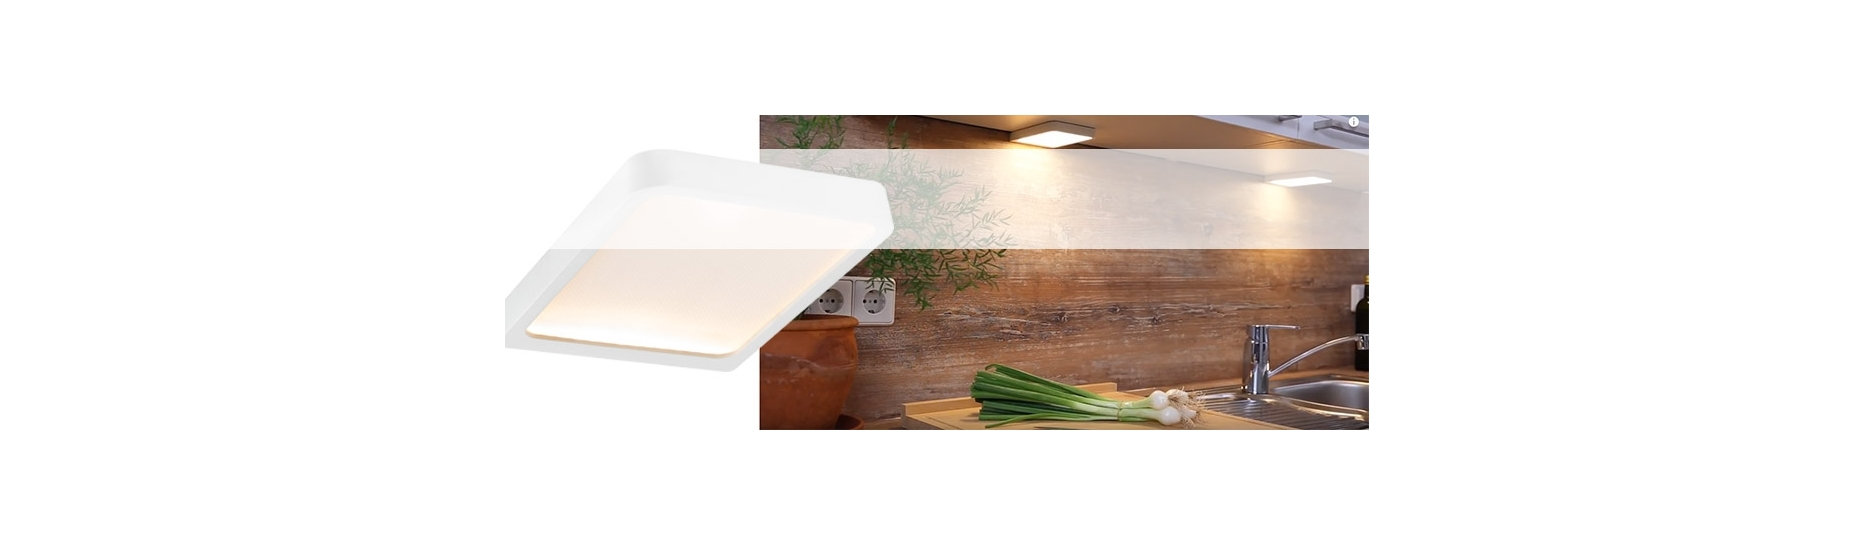 LED podlinková svítidla pro Vaše kuchyně.